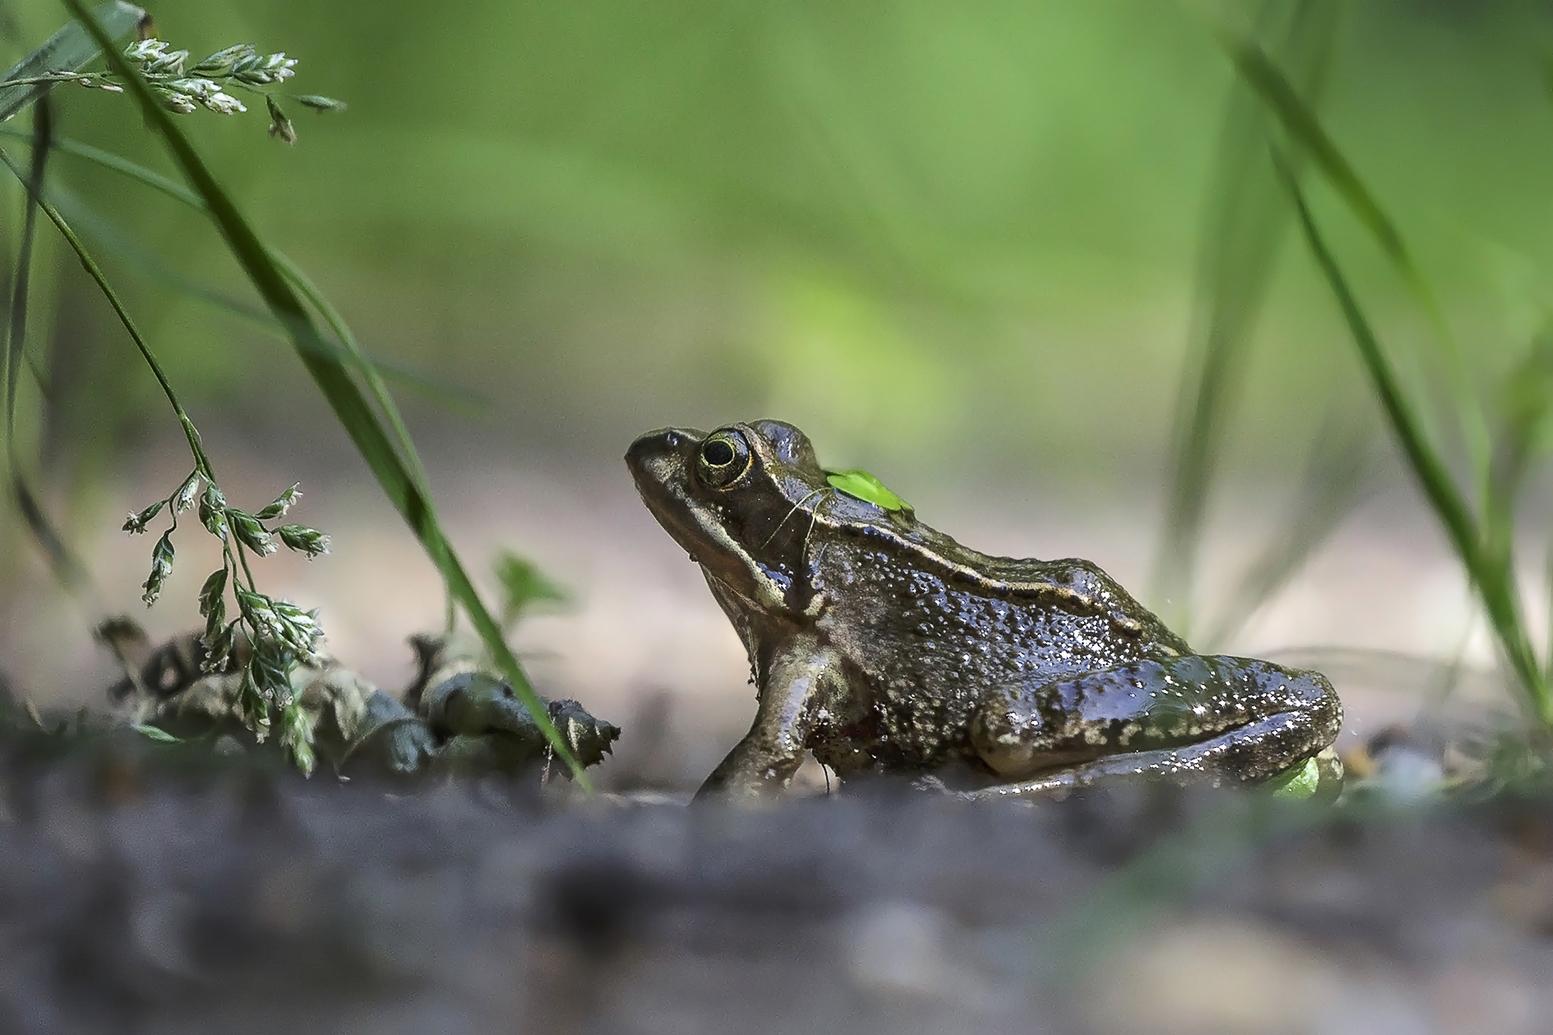 7298 kikker in habitat 2019-07-29 Bw-v-R 1620